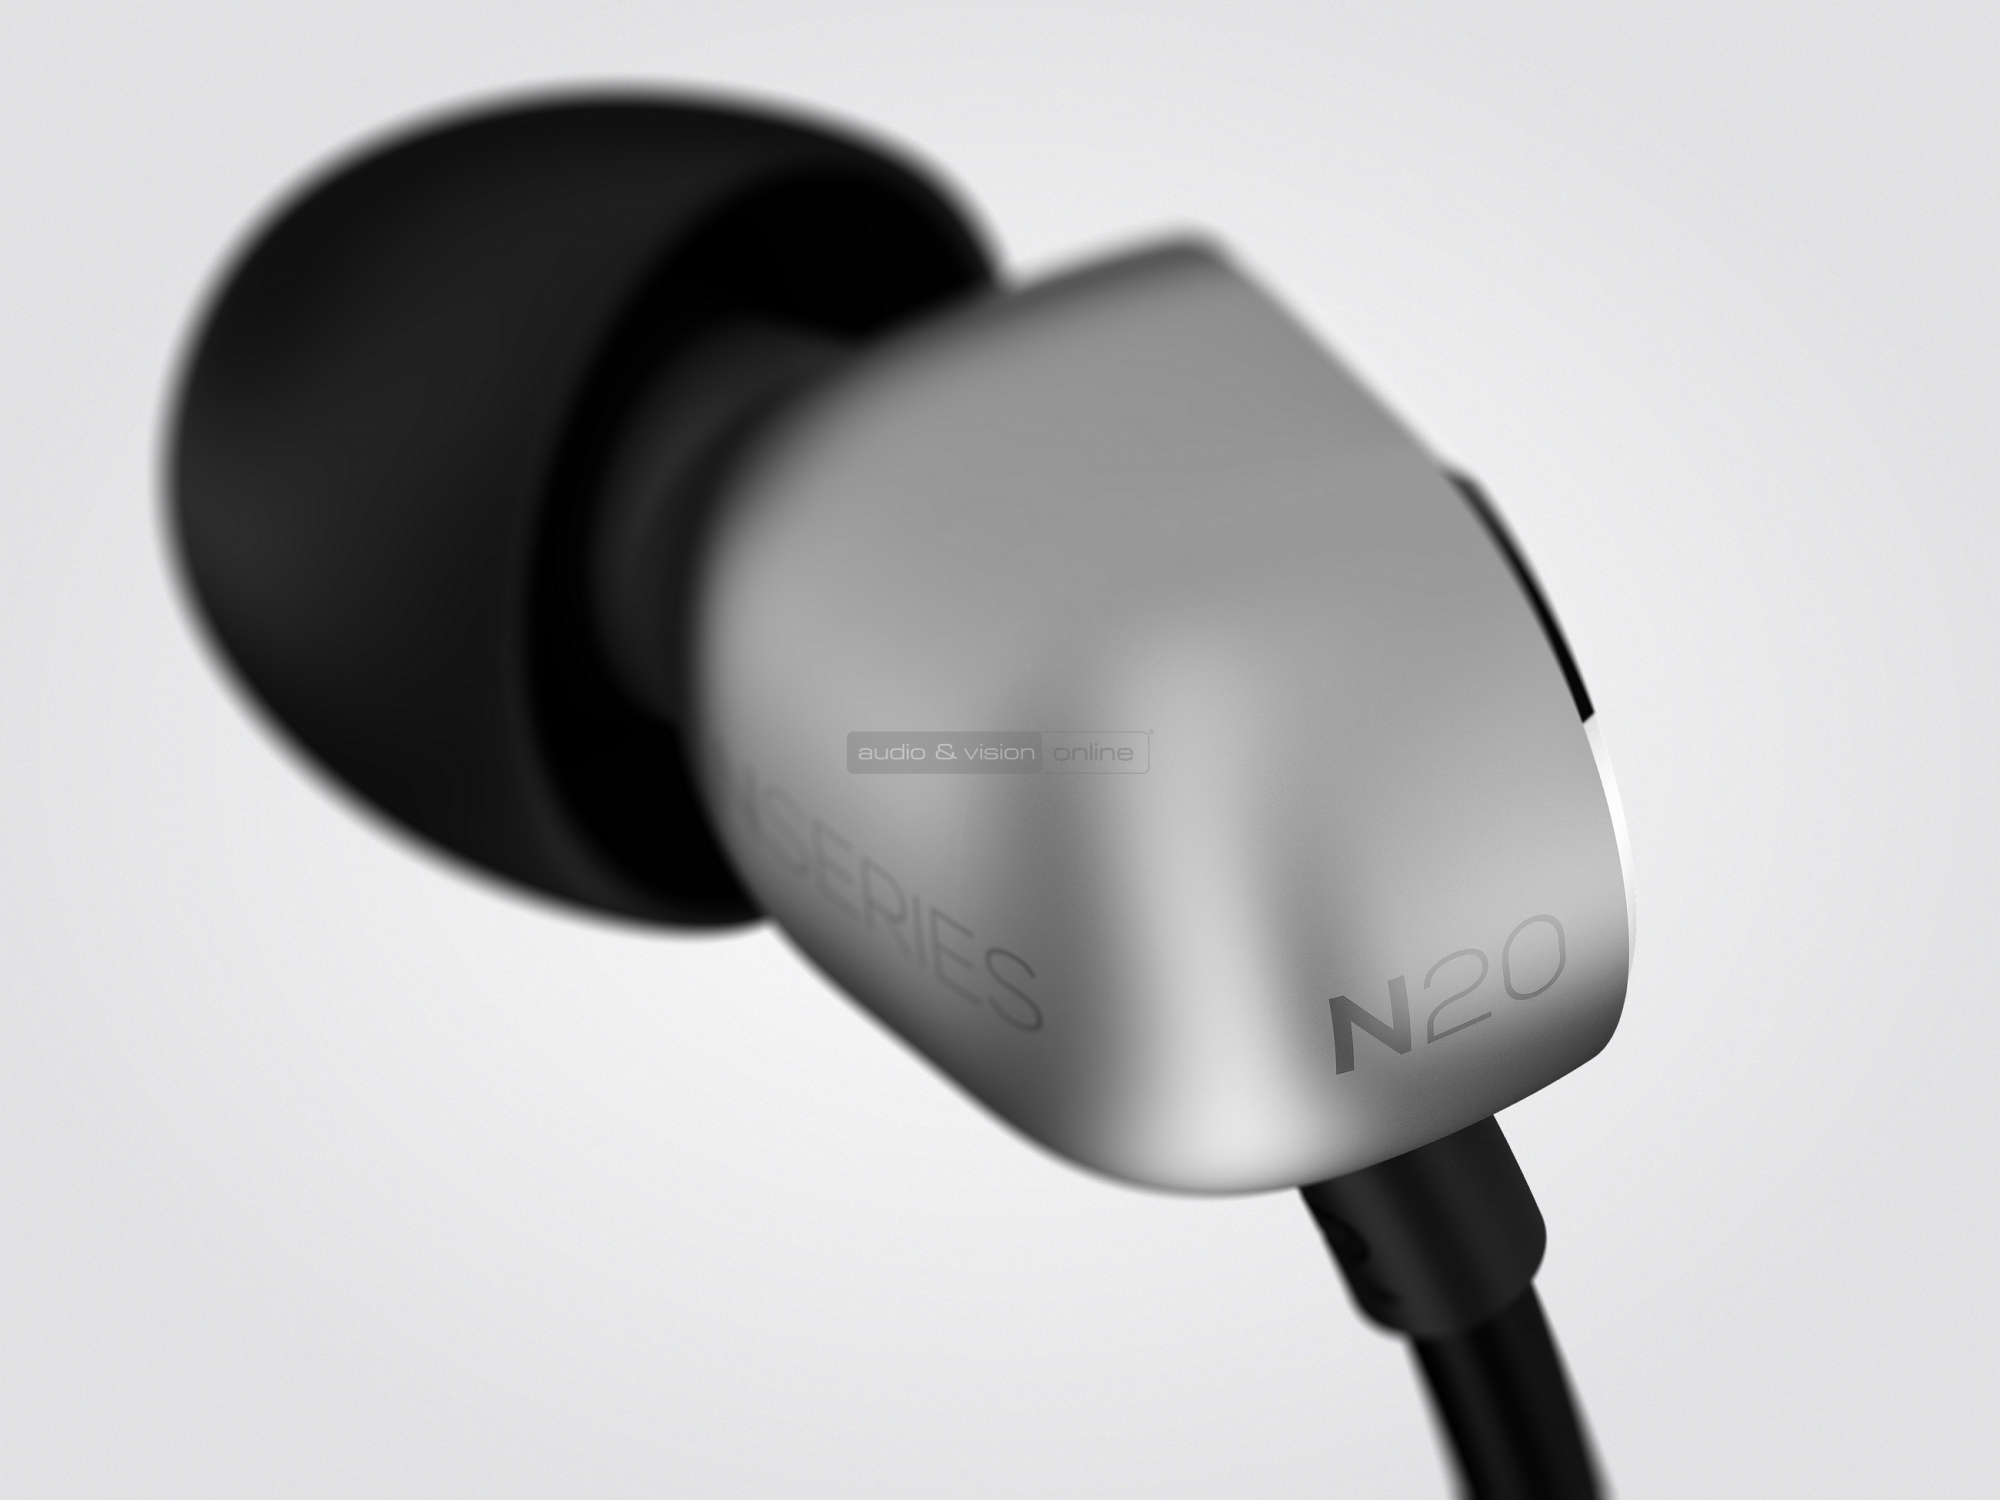 AKG N20 fülhallgató teszt  001f501e45